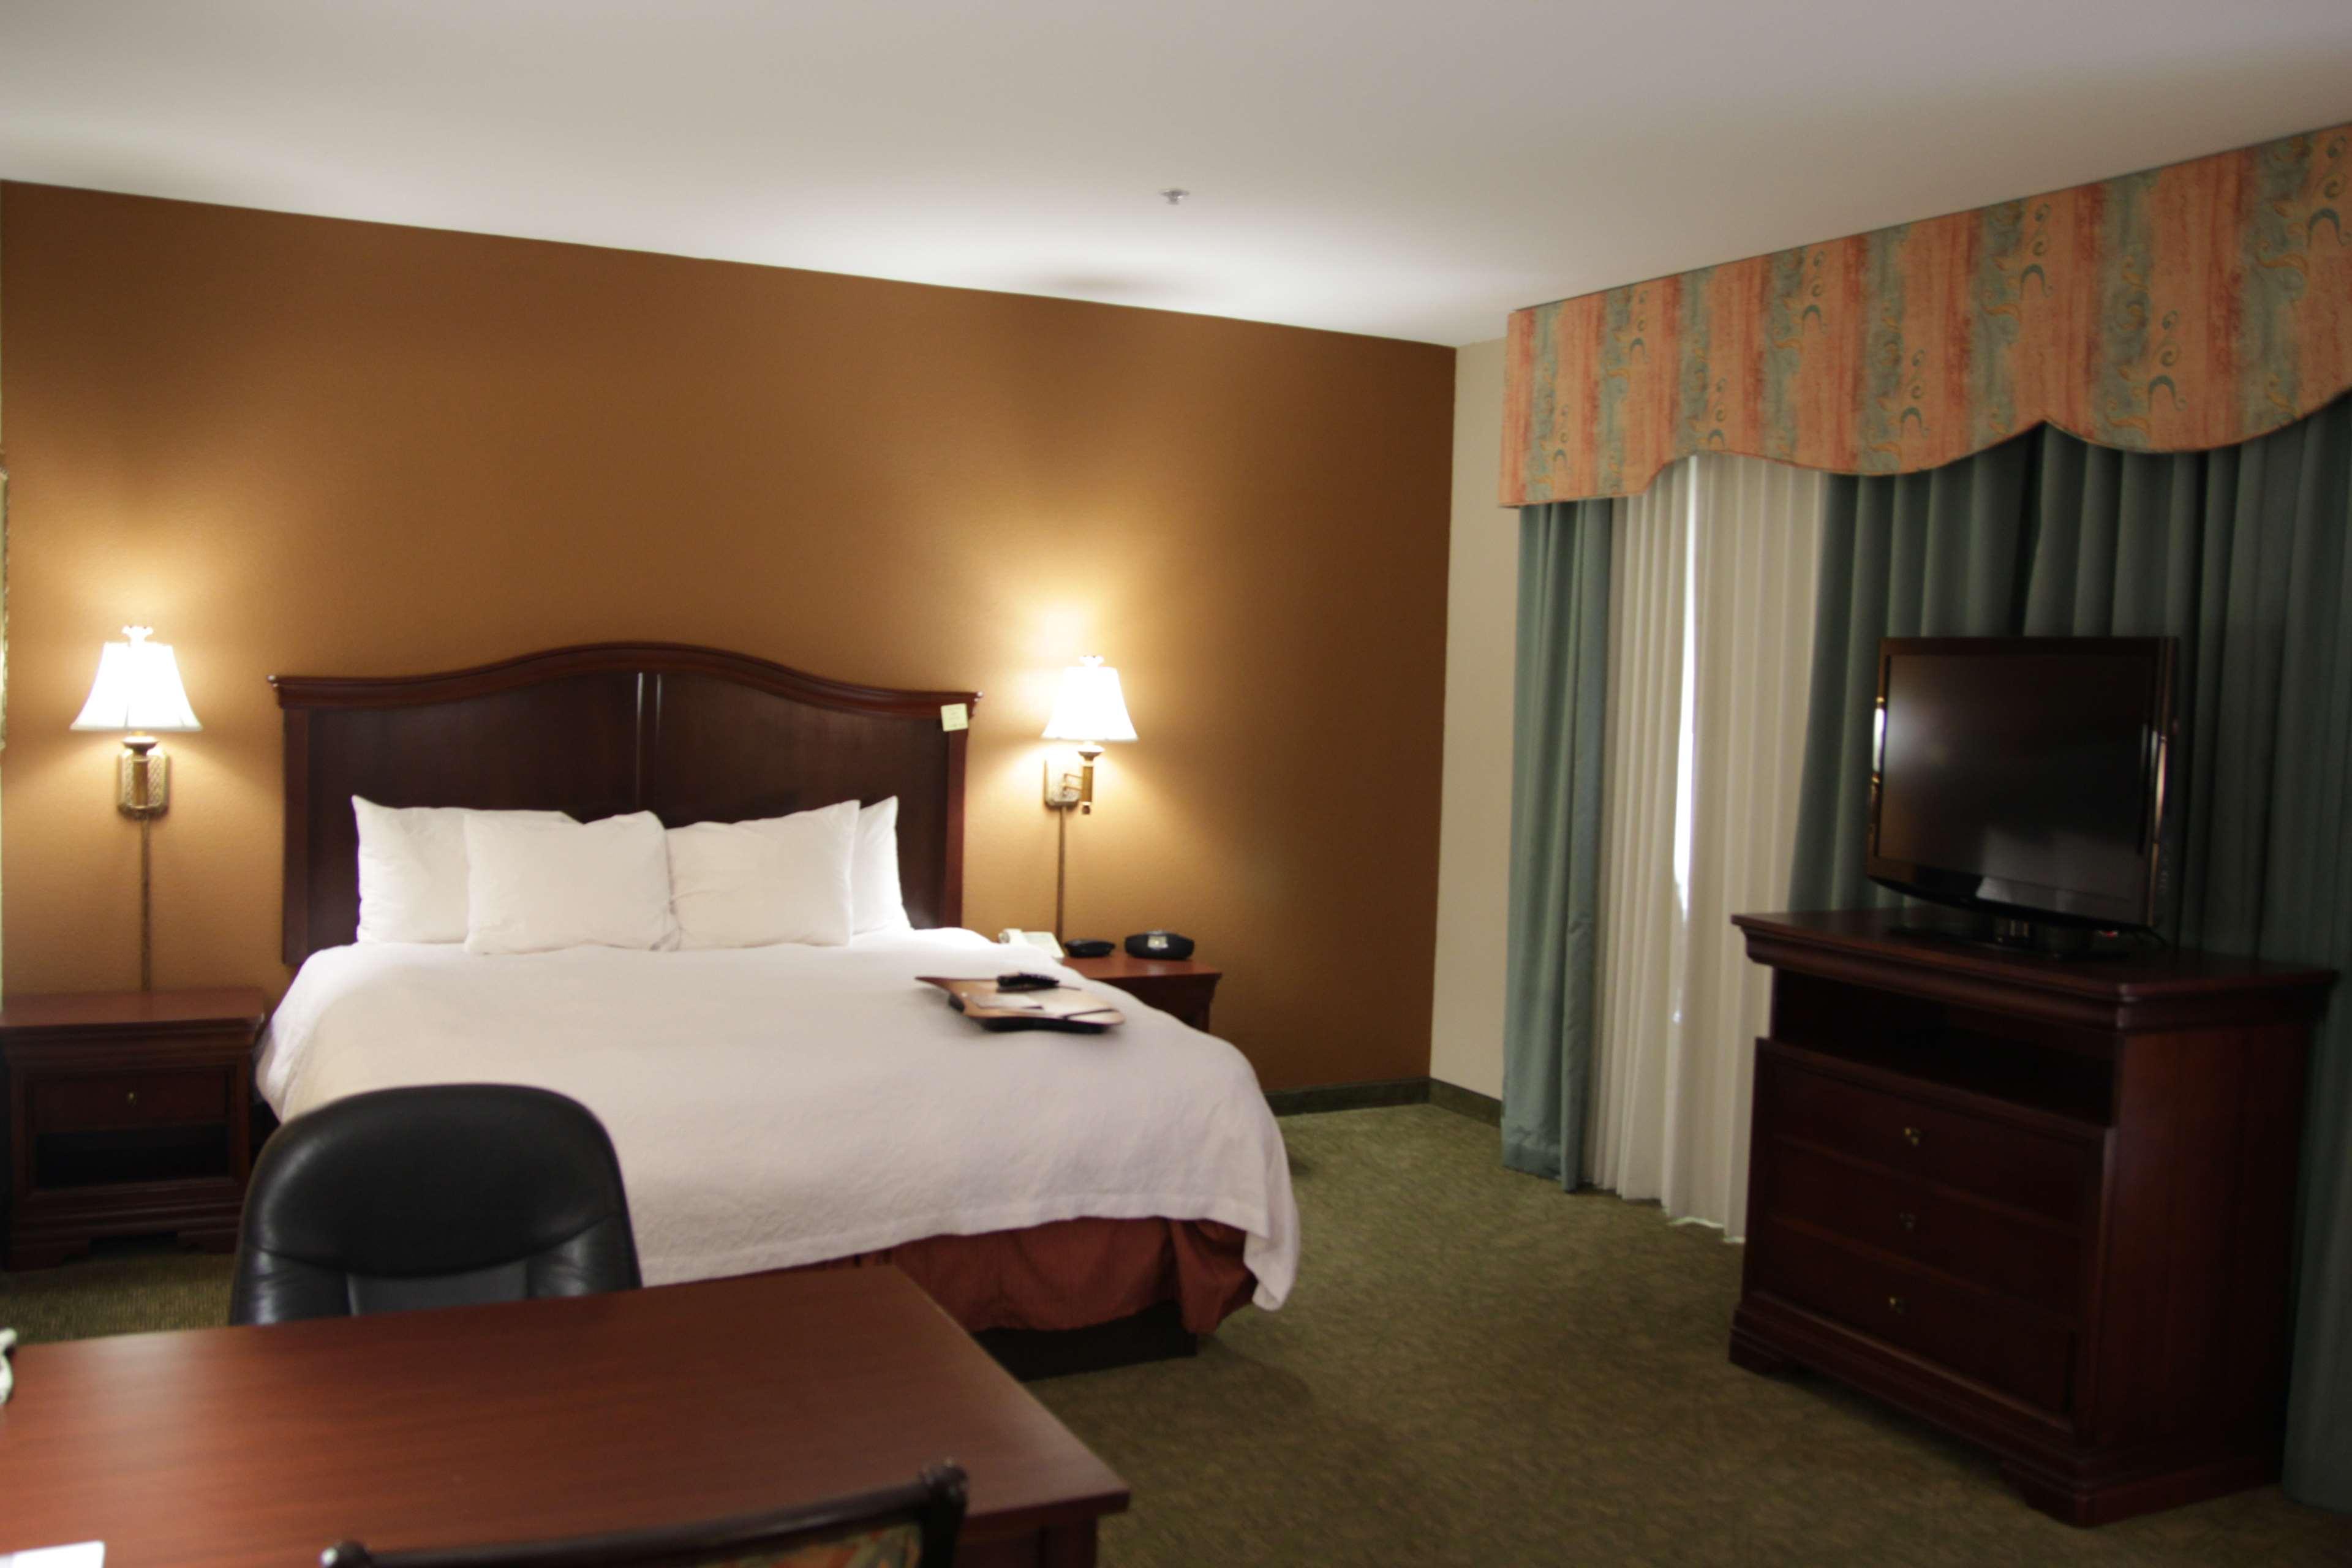 Hampton Inn Corpus Christi-Northwest I-37 image 11